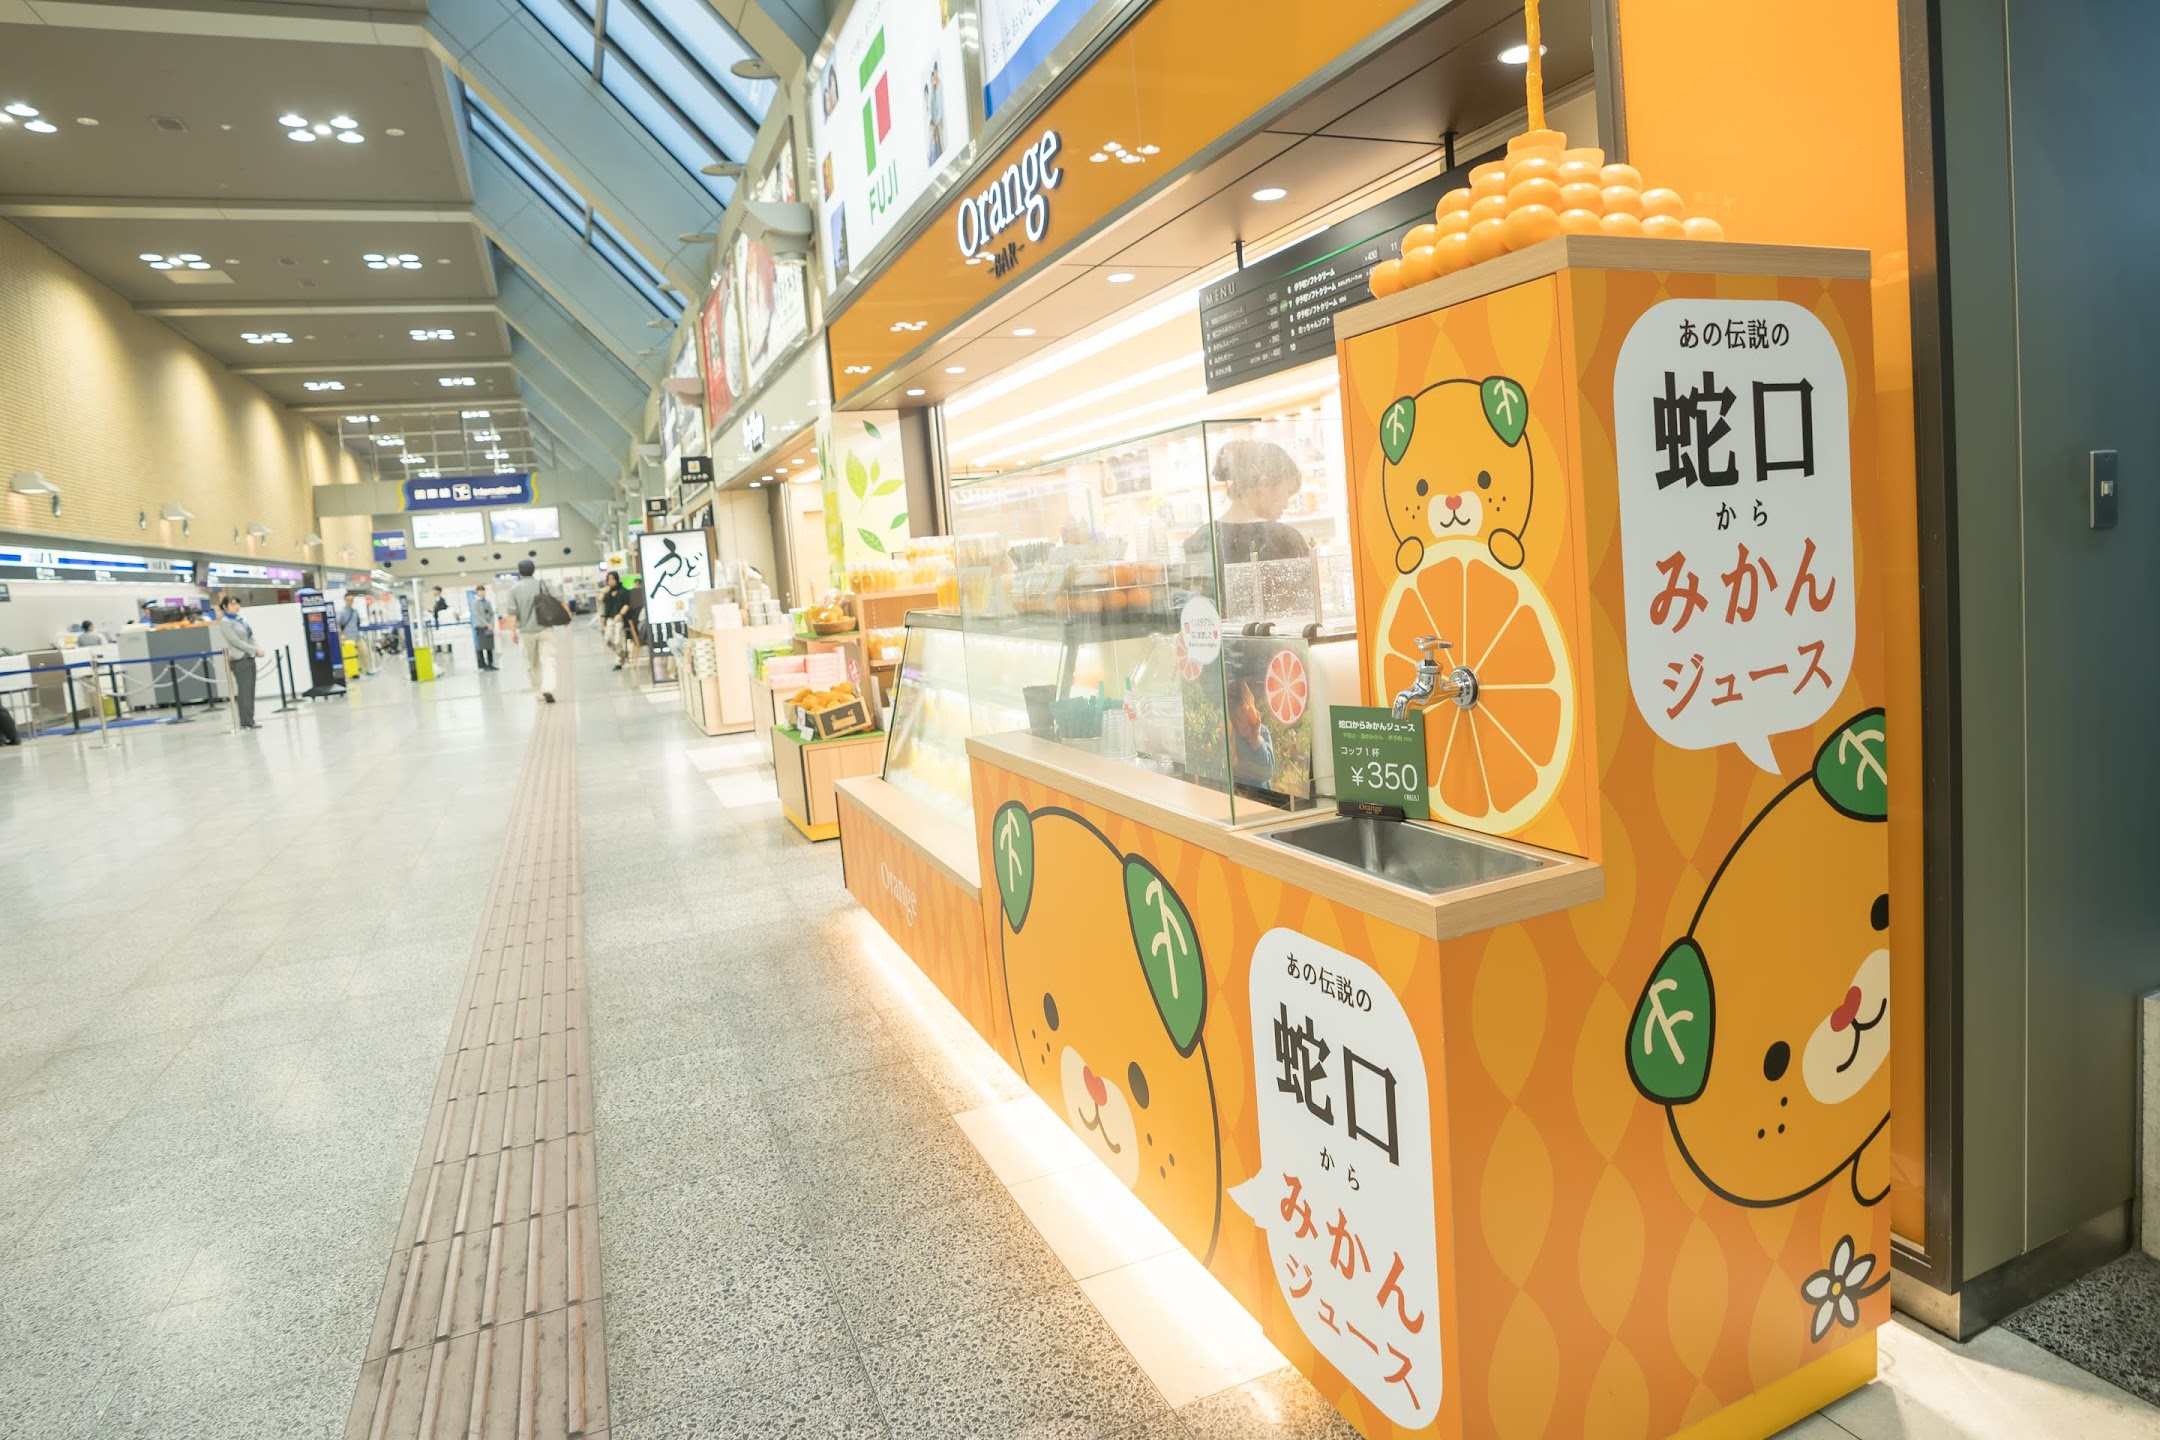 松山空港 蛇口からみかんジュース1